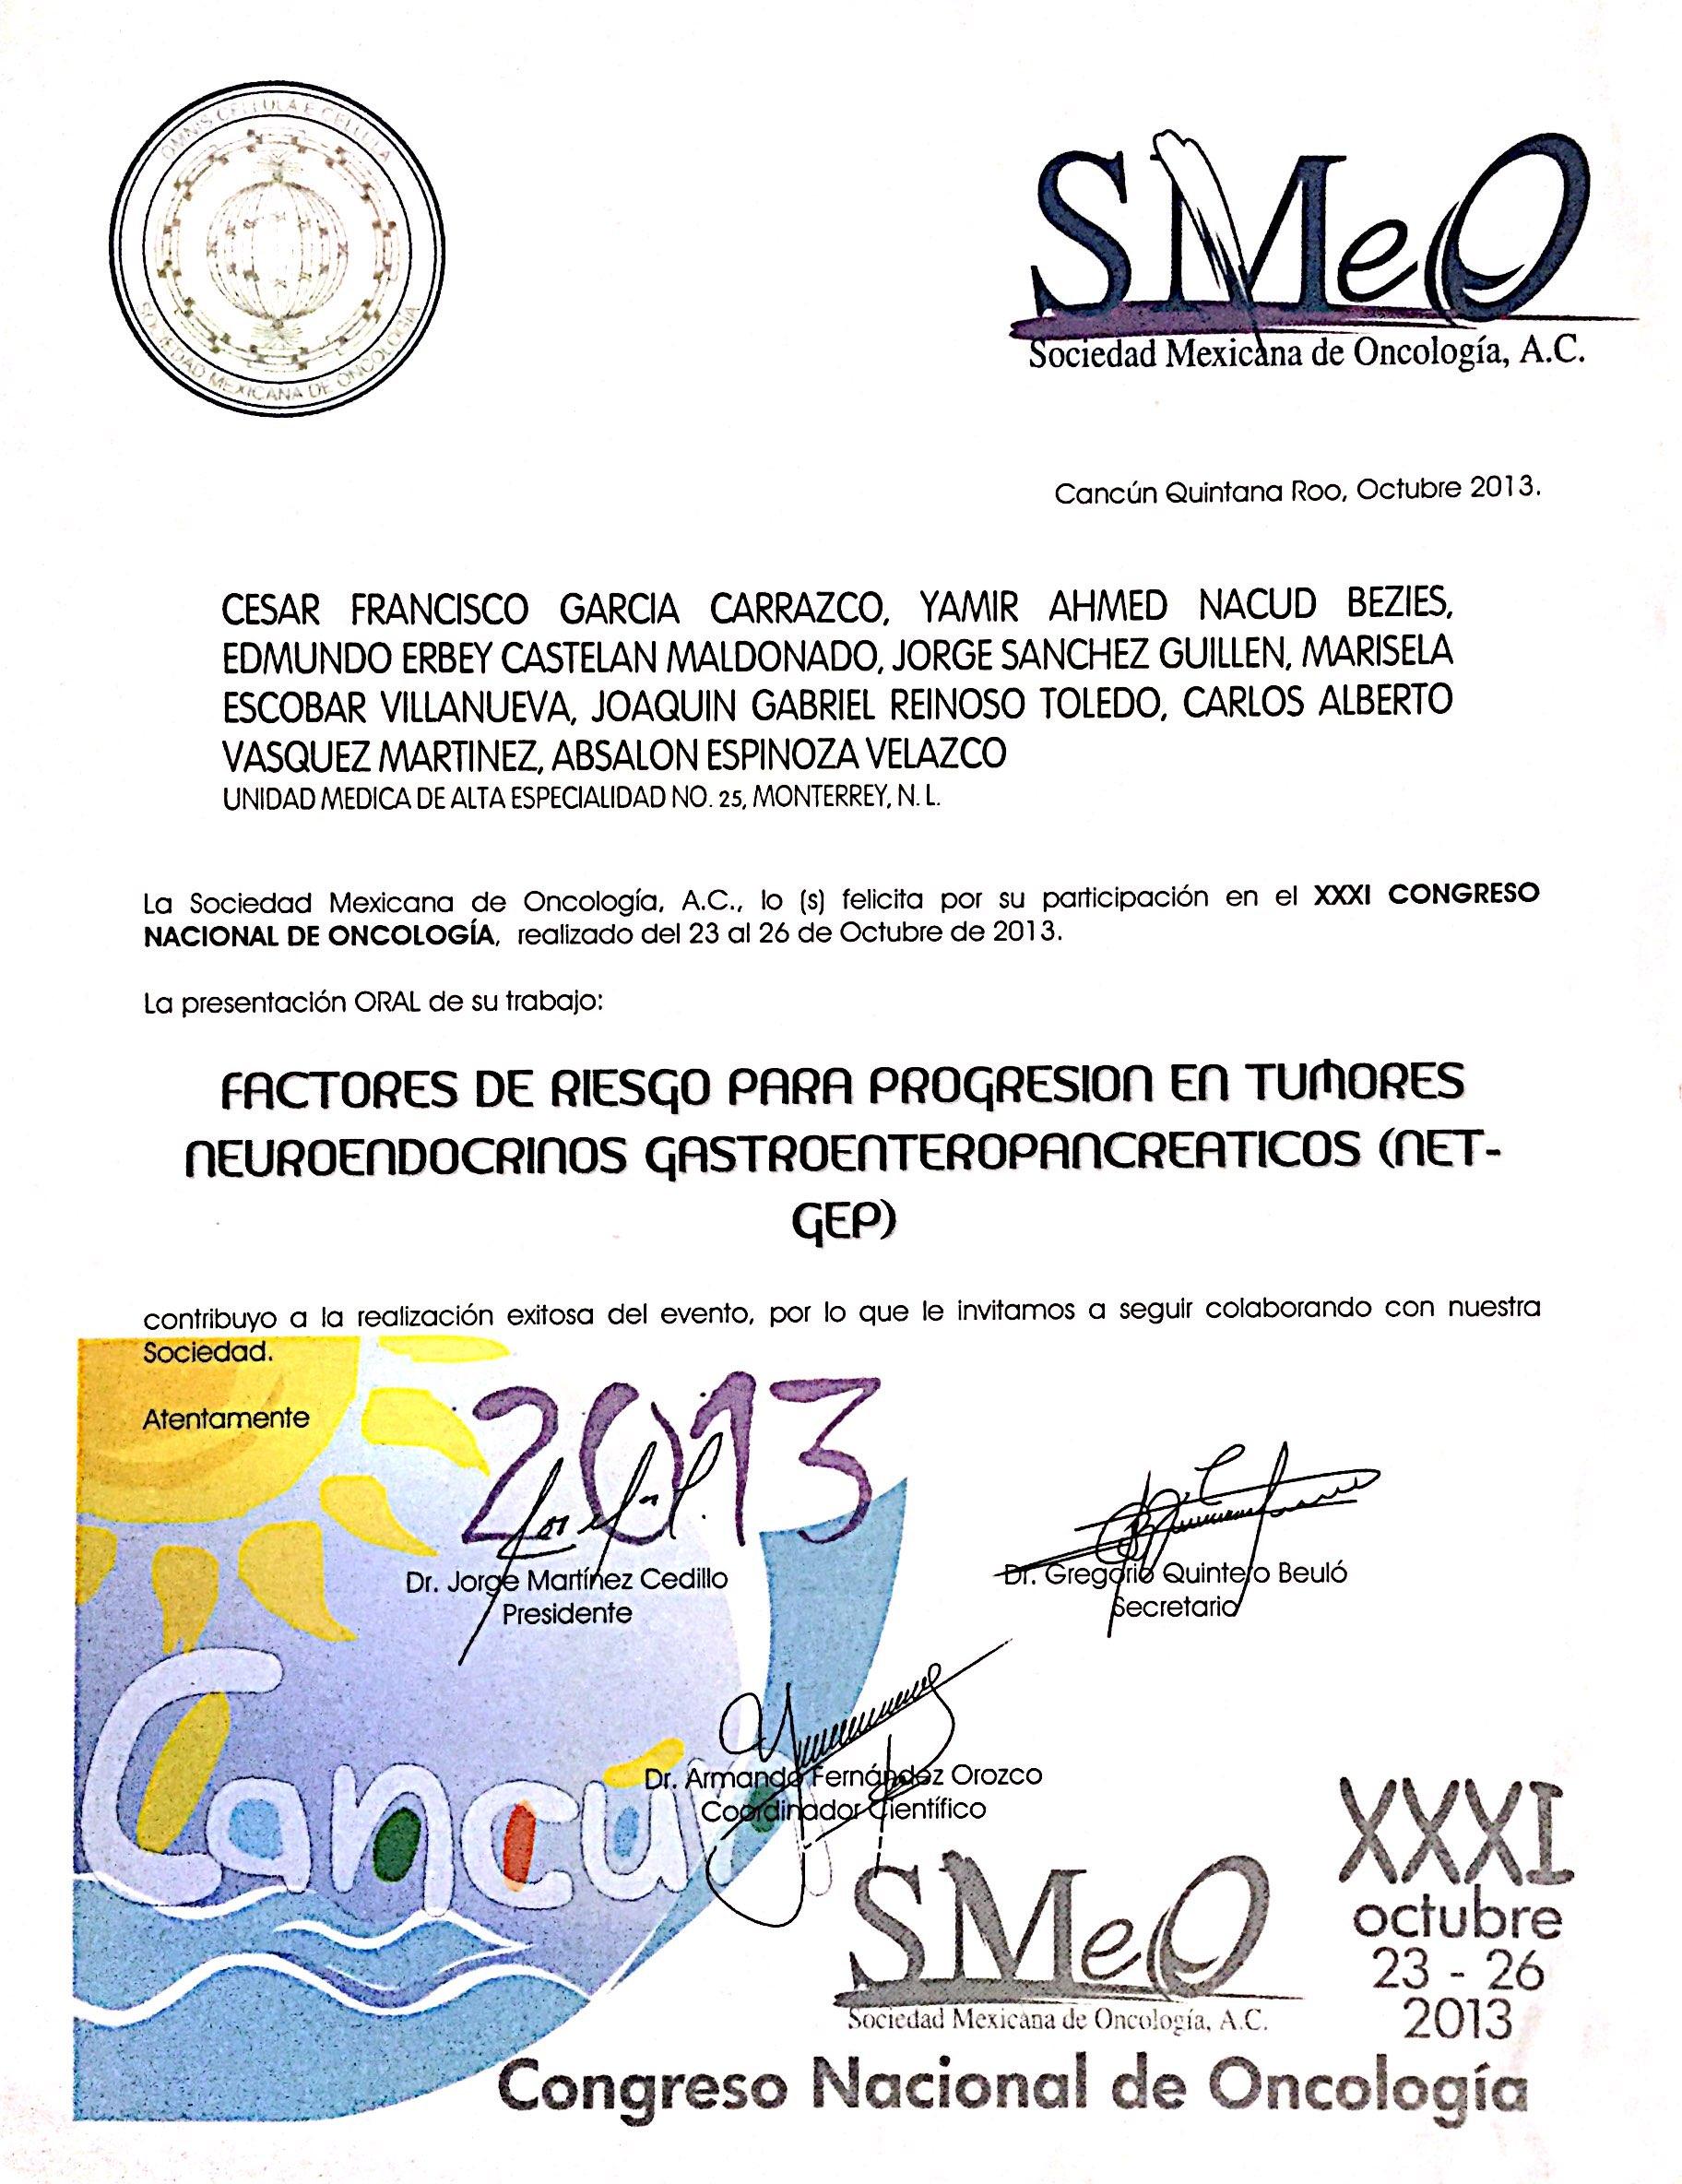 Dr. Garcia Carrazco_65